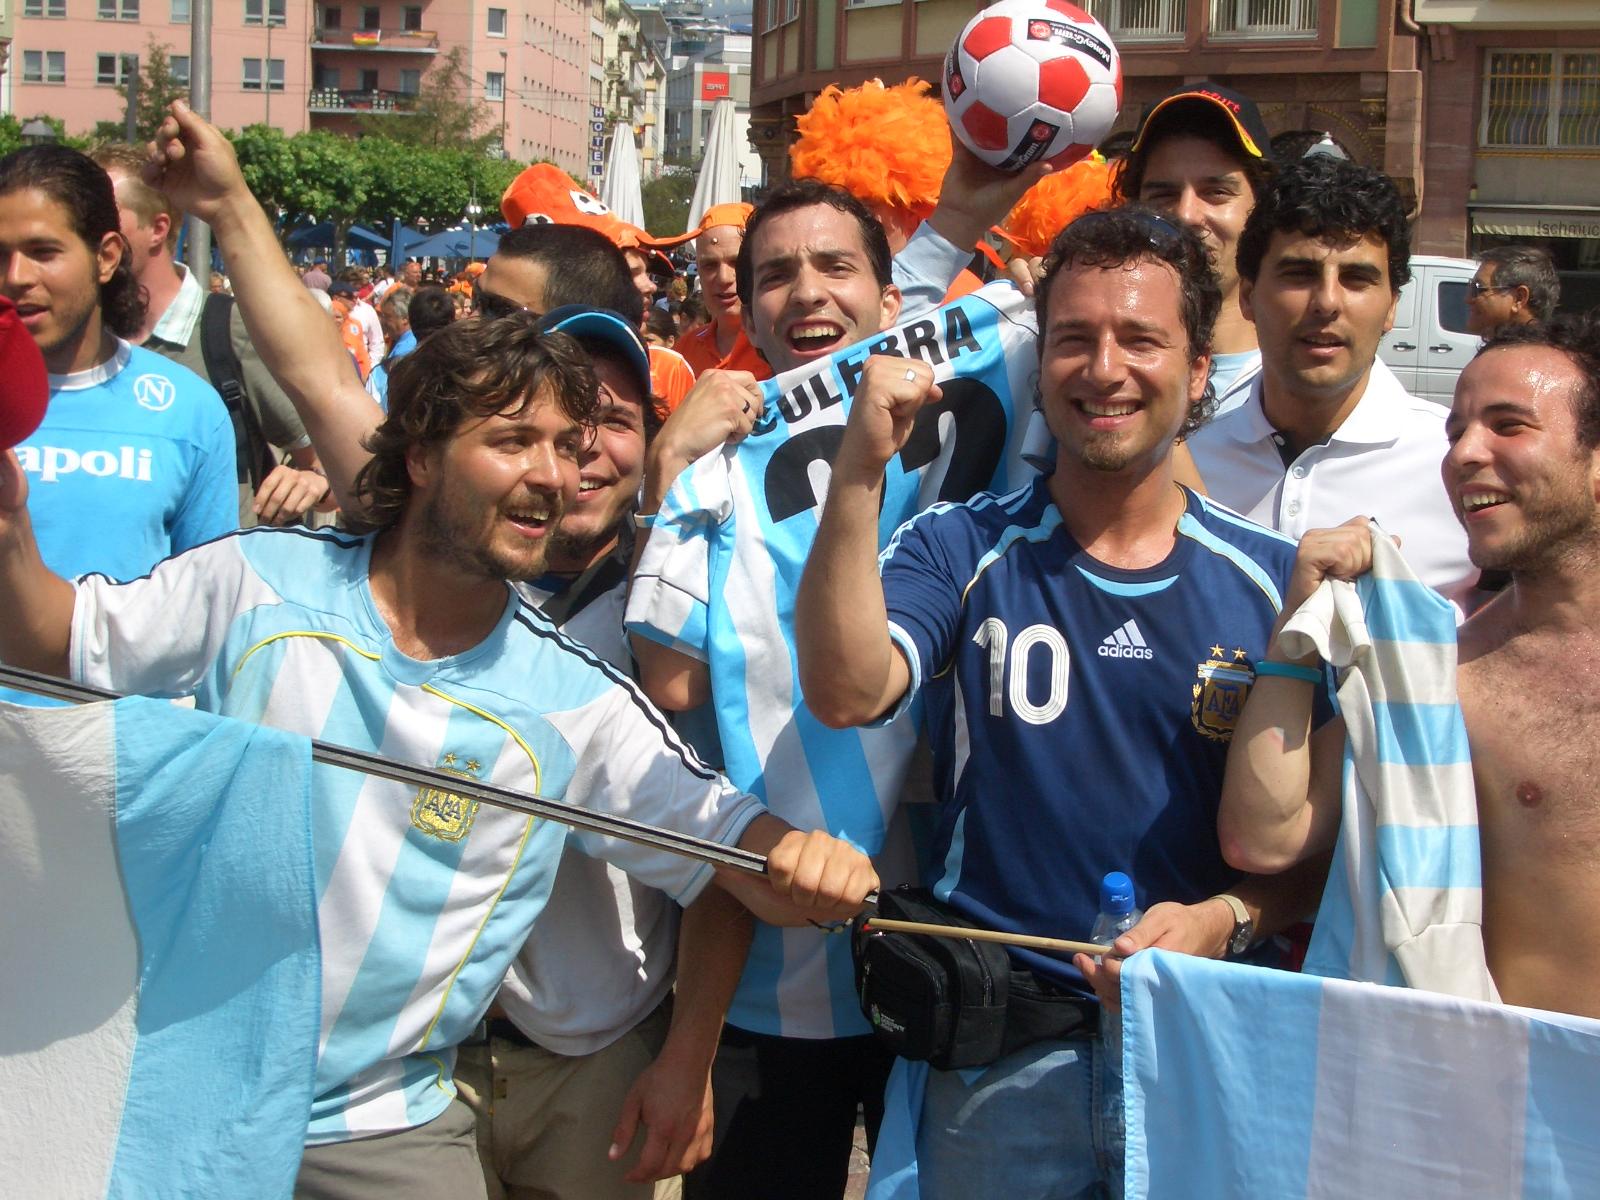 WM-Randerscheinungen: Auf dem Römerberg am Puls des Tages